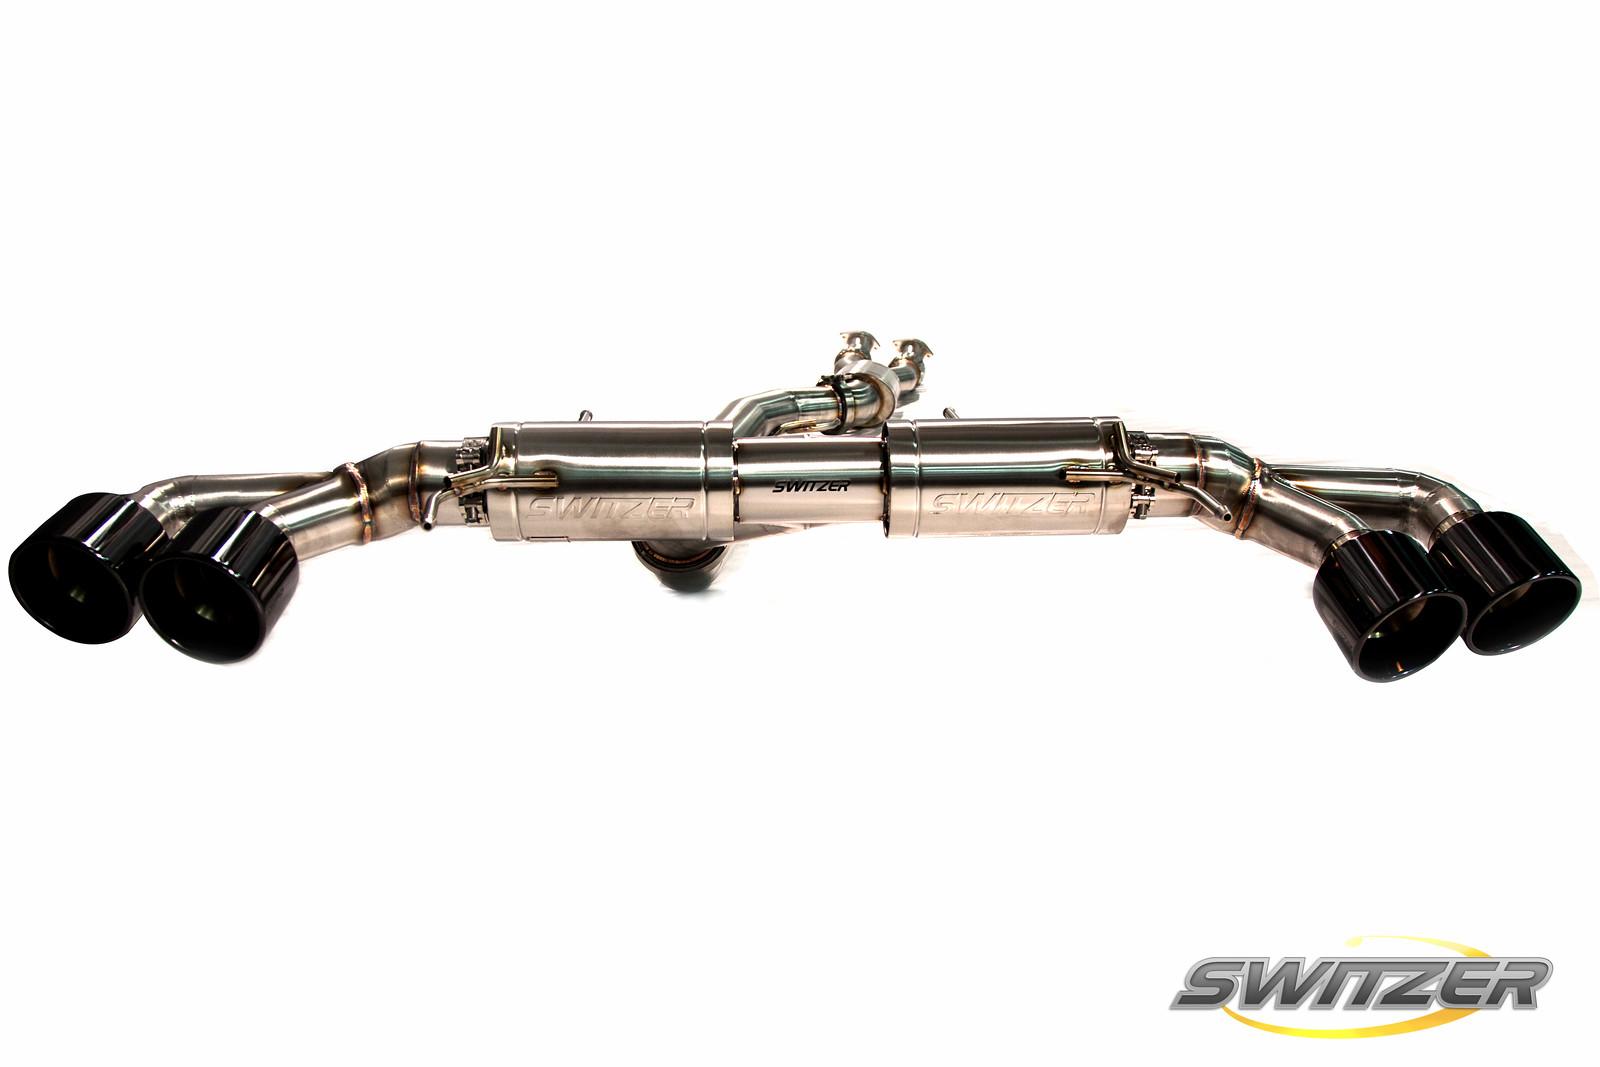 Switzer Gtr Exhaust Steel Exhaust For R35 Gtr